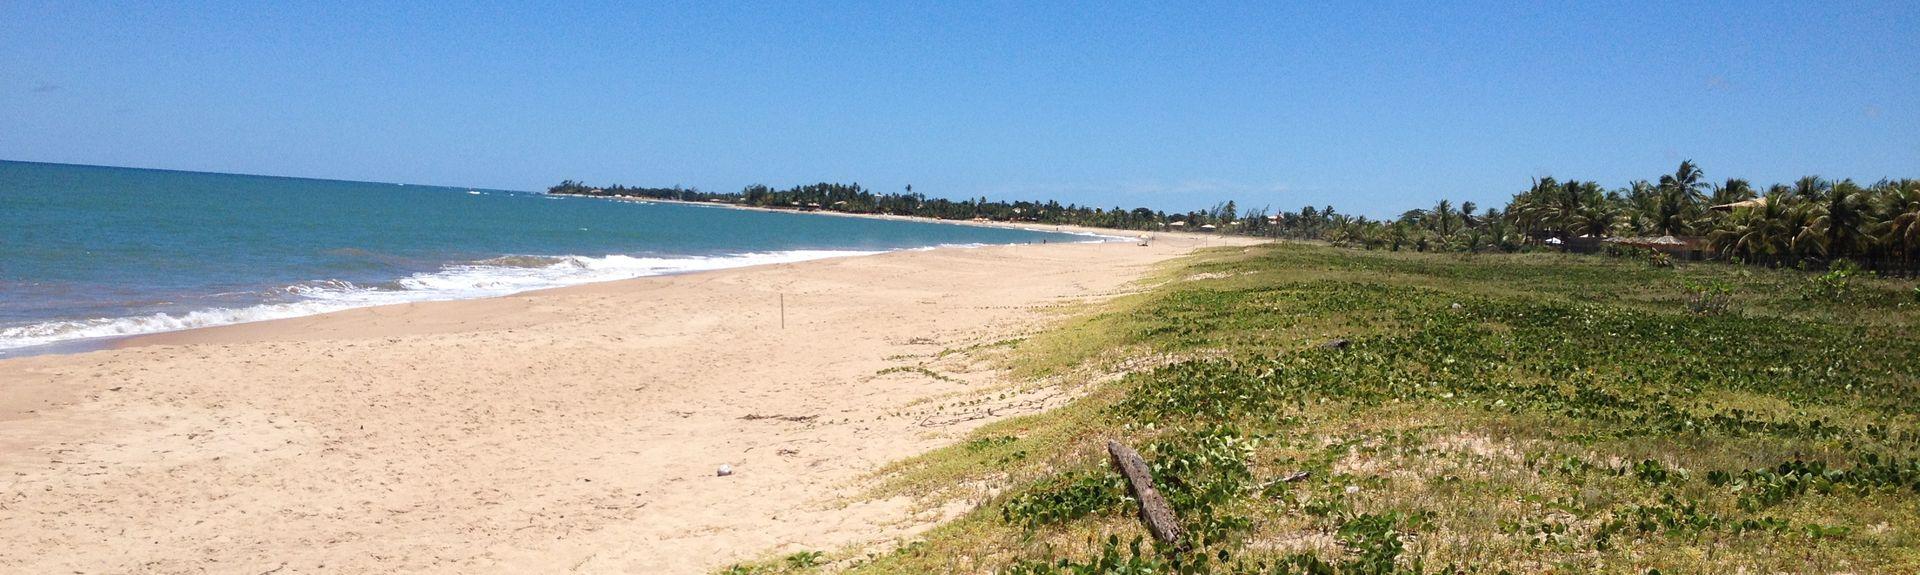 Bahia (État), Brésil